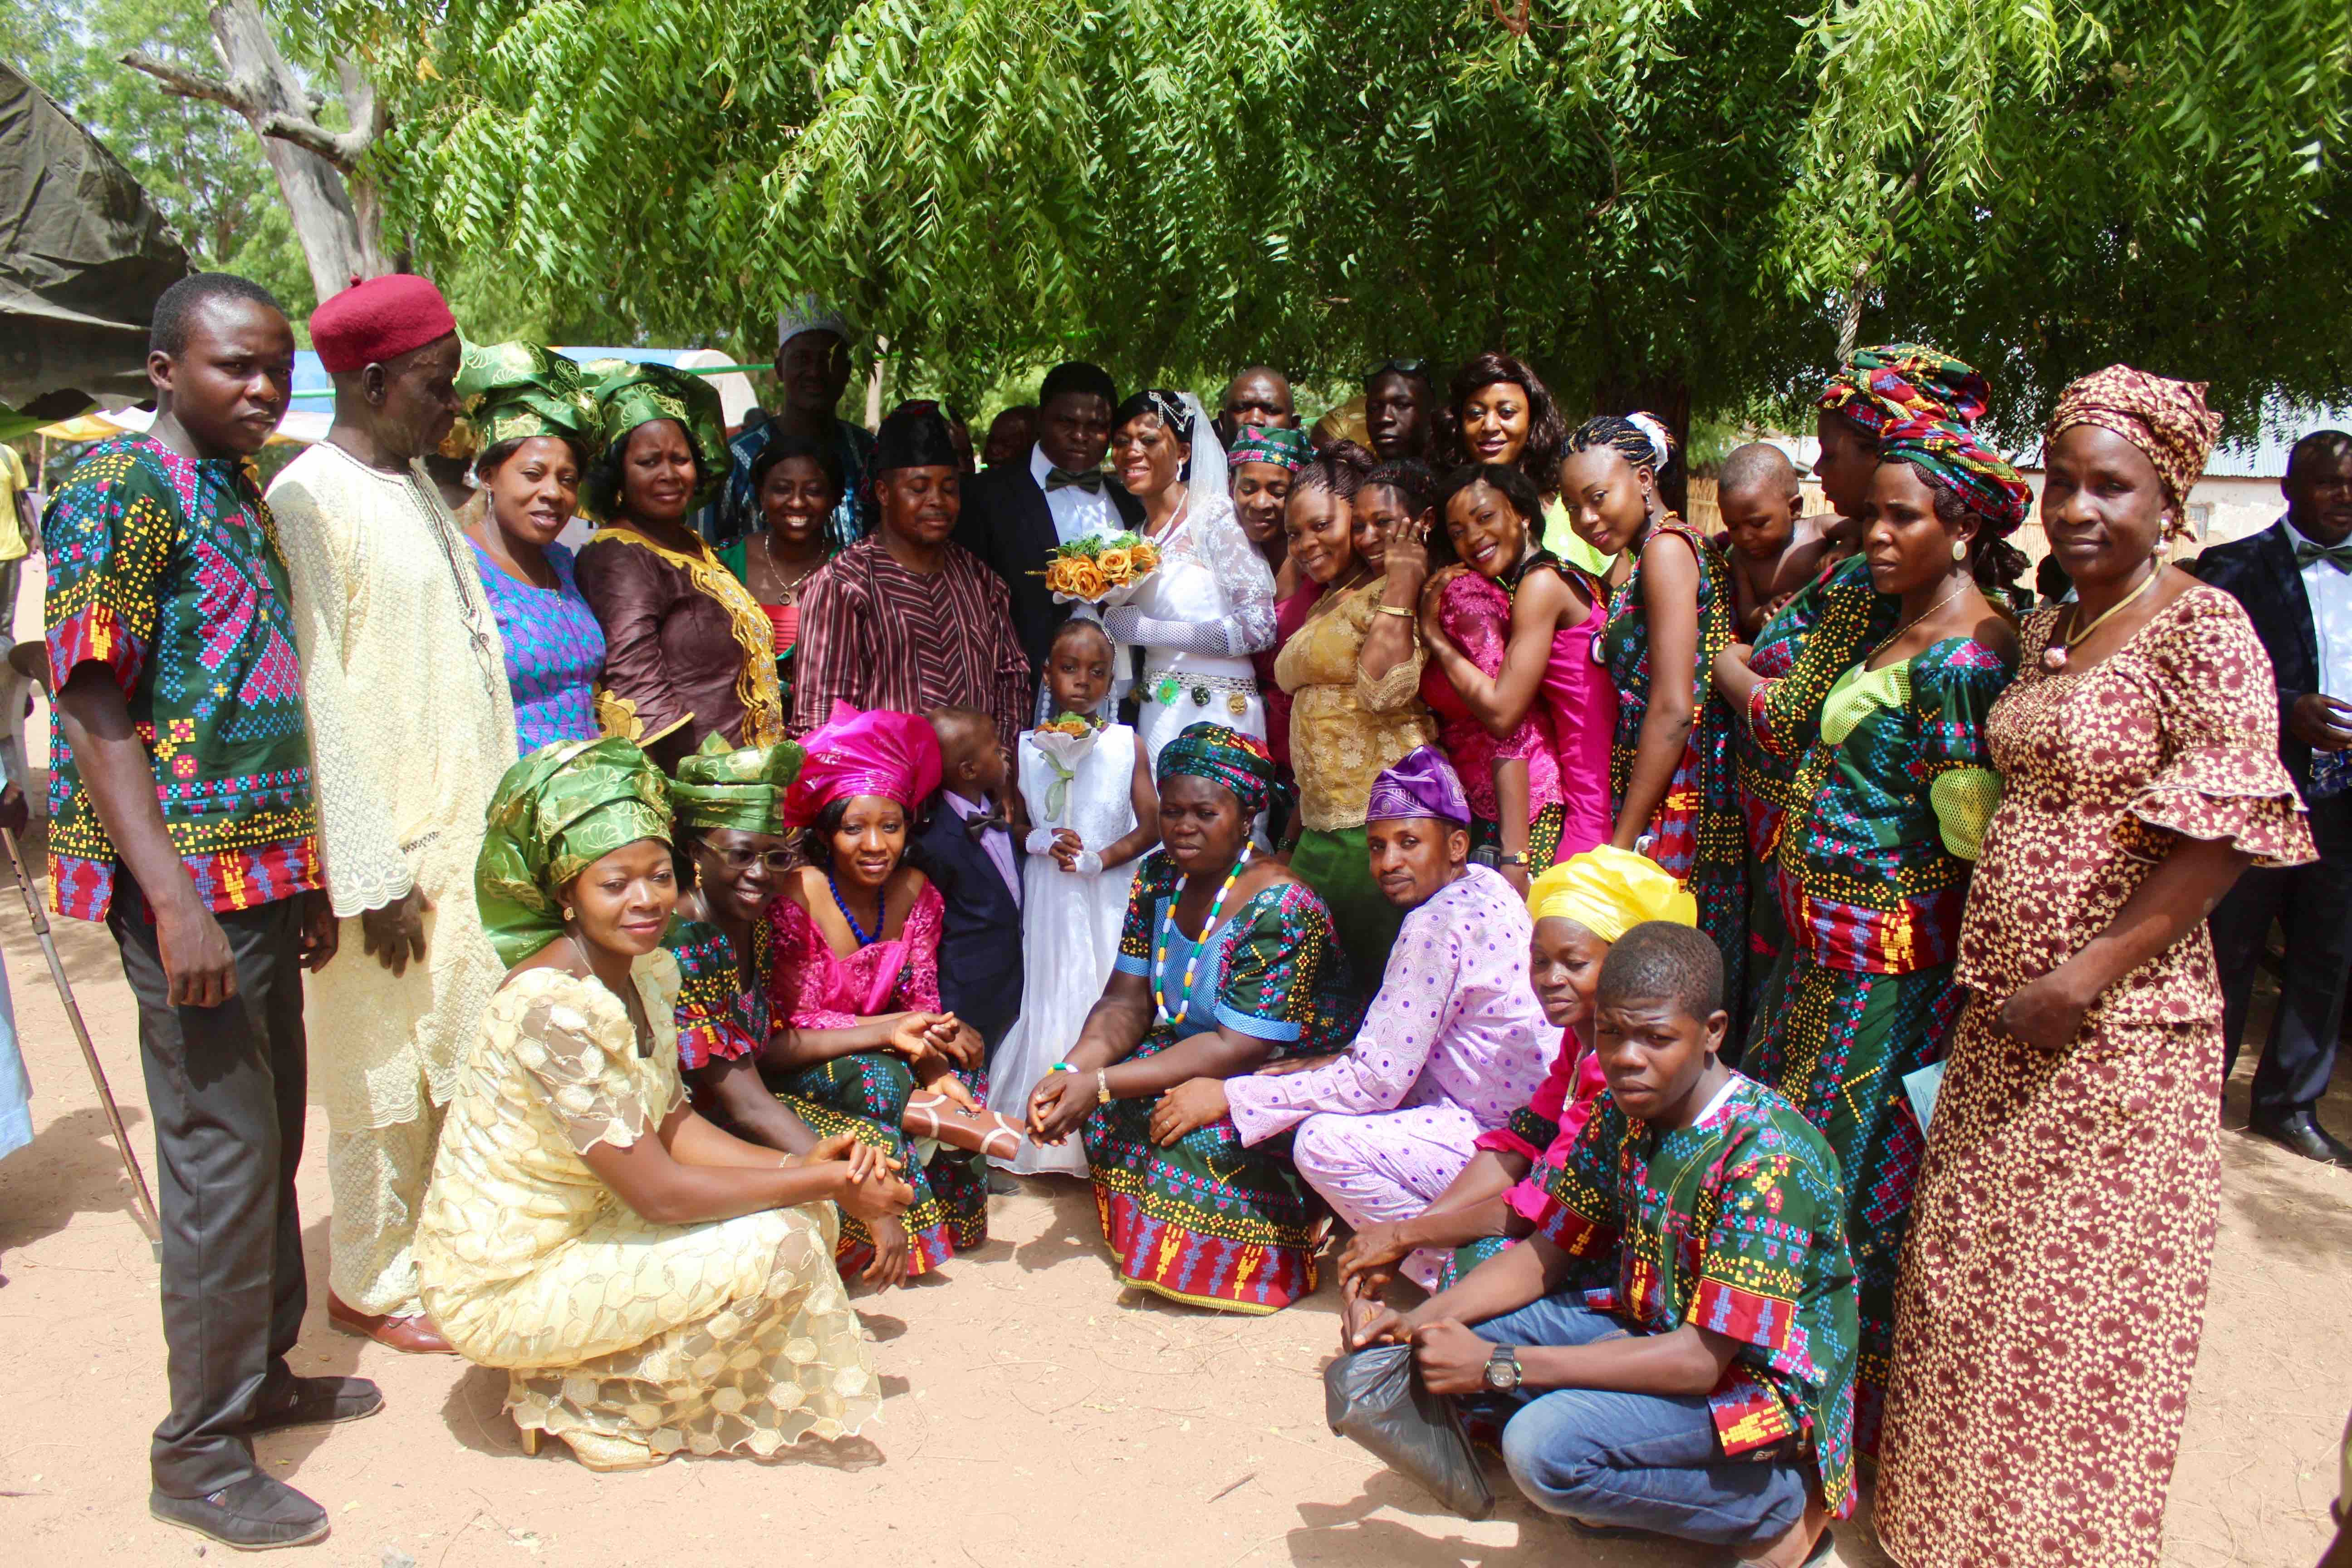 Nigerian wedding in Gombe State, Nigeria. #JujuFilms